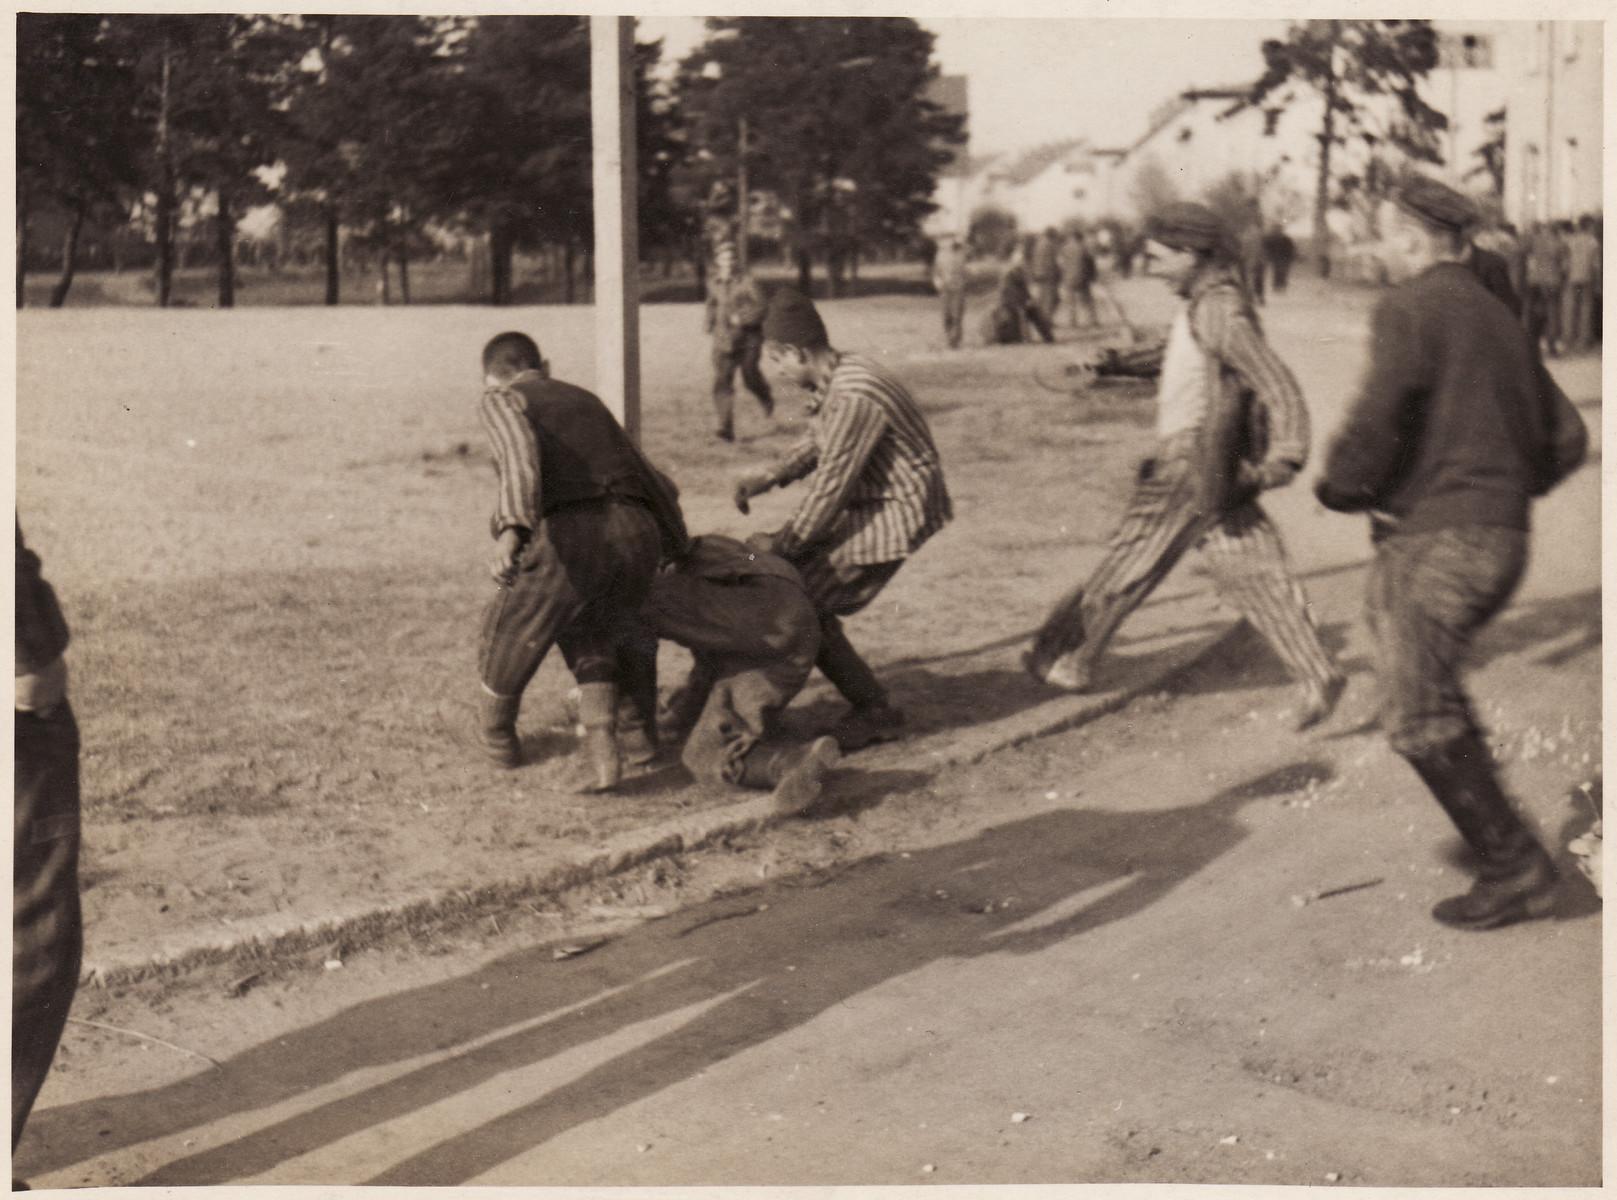 Survivors attack a former guard at Bergen-Belsen concentration camp.